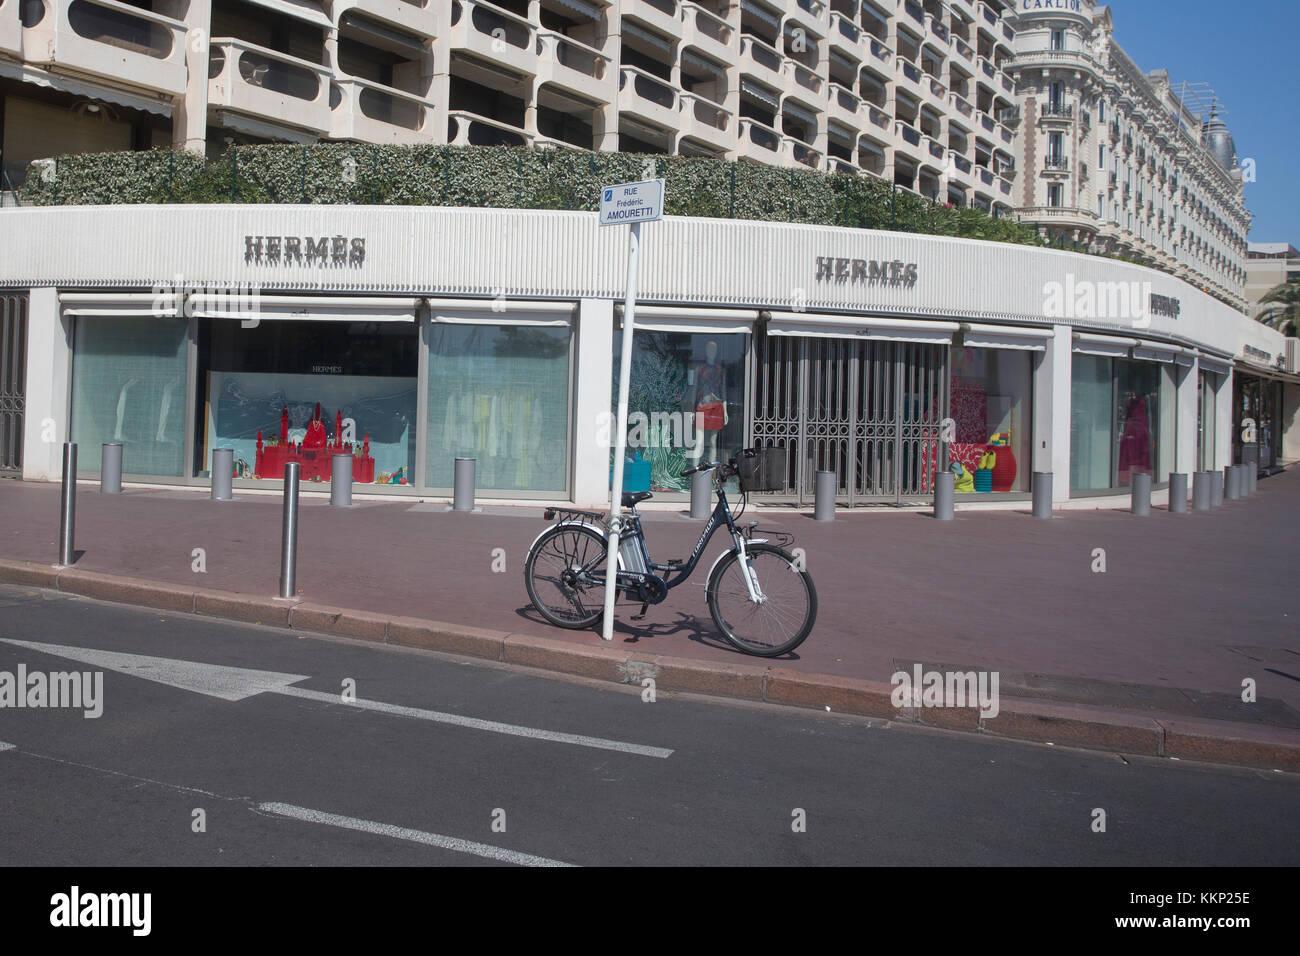 Hermes designer shop, Boulevard de la Croisette, Cannes Stock Photo